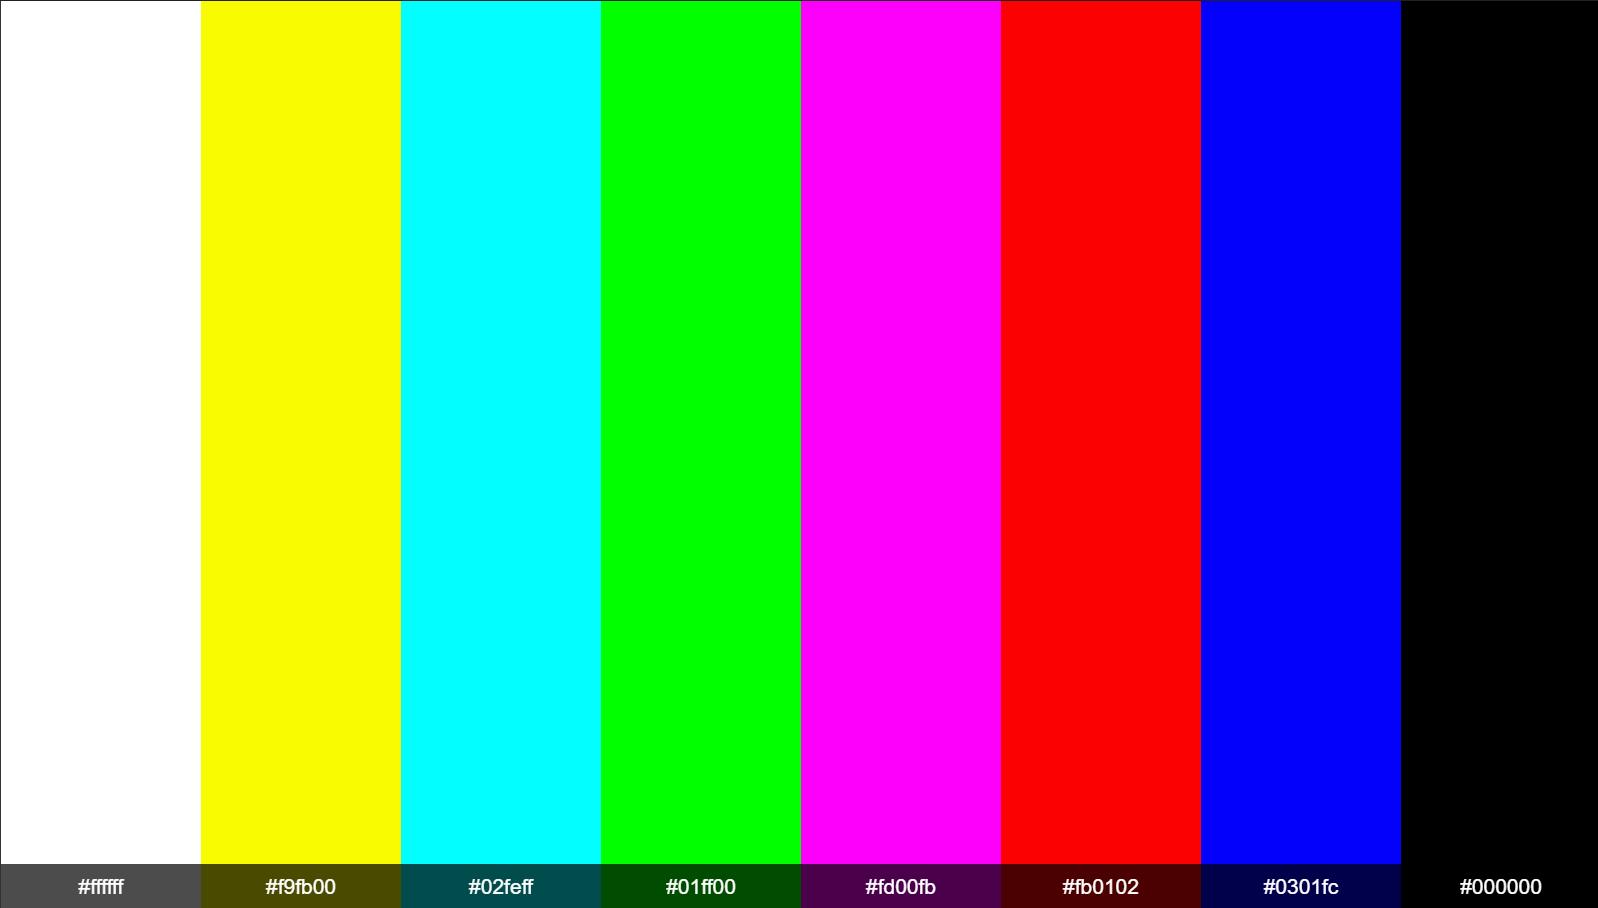 Tv No Signal Color Bars Hex Colors Ffffff F9fb00 02feff 01ff00 Fd00fb Fb0102 0301fc 00000 Printable Coloring Pages Tv Static Printable Coloring